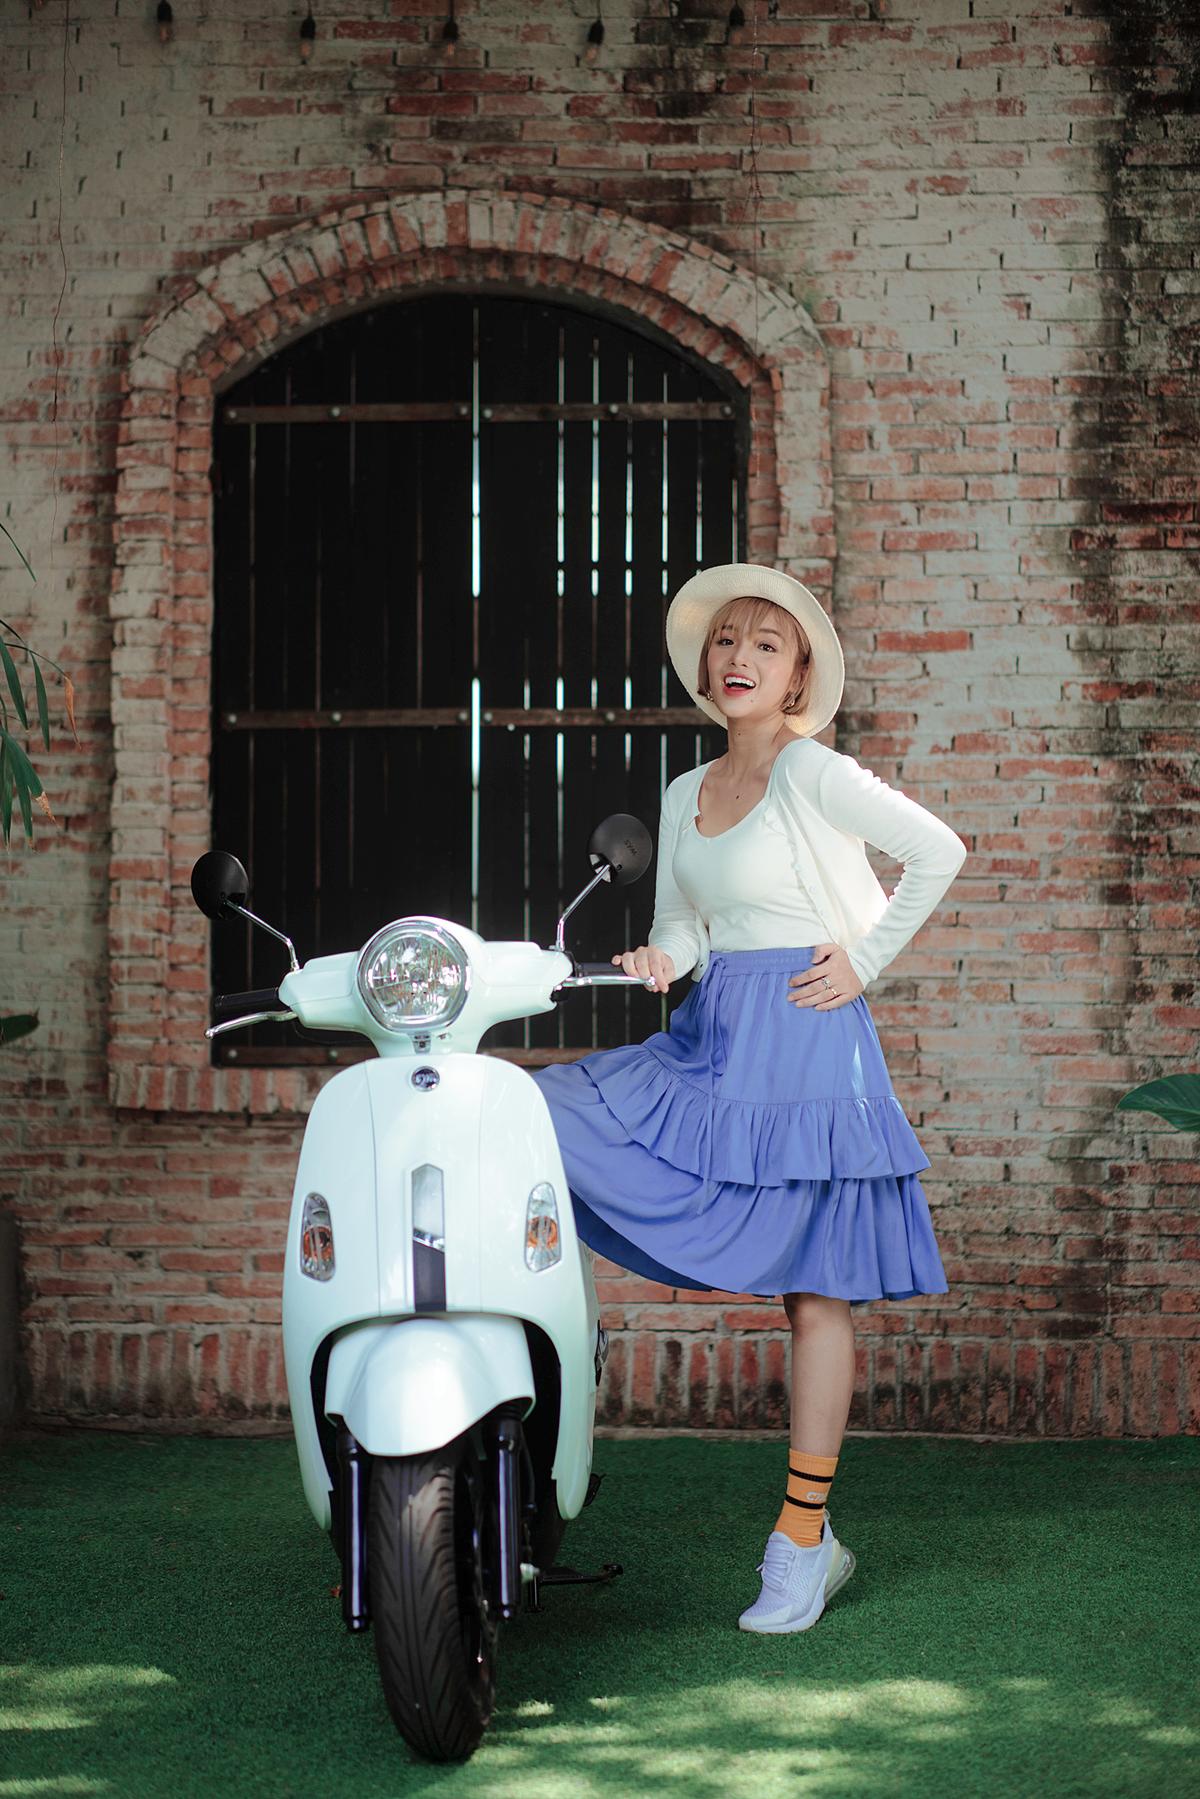 Thứ ba là  Atilla 50cc với thiết kế thanh lịch. Mẫu xe được các bạn gái trẻ lựa chọn như một phụ kiện trang sức bởi có khả năng kết hợp cùng nhiều phong cách thời trang khác nhau từ đi học, chơi, đi làm, tiệc tùng...